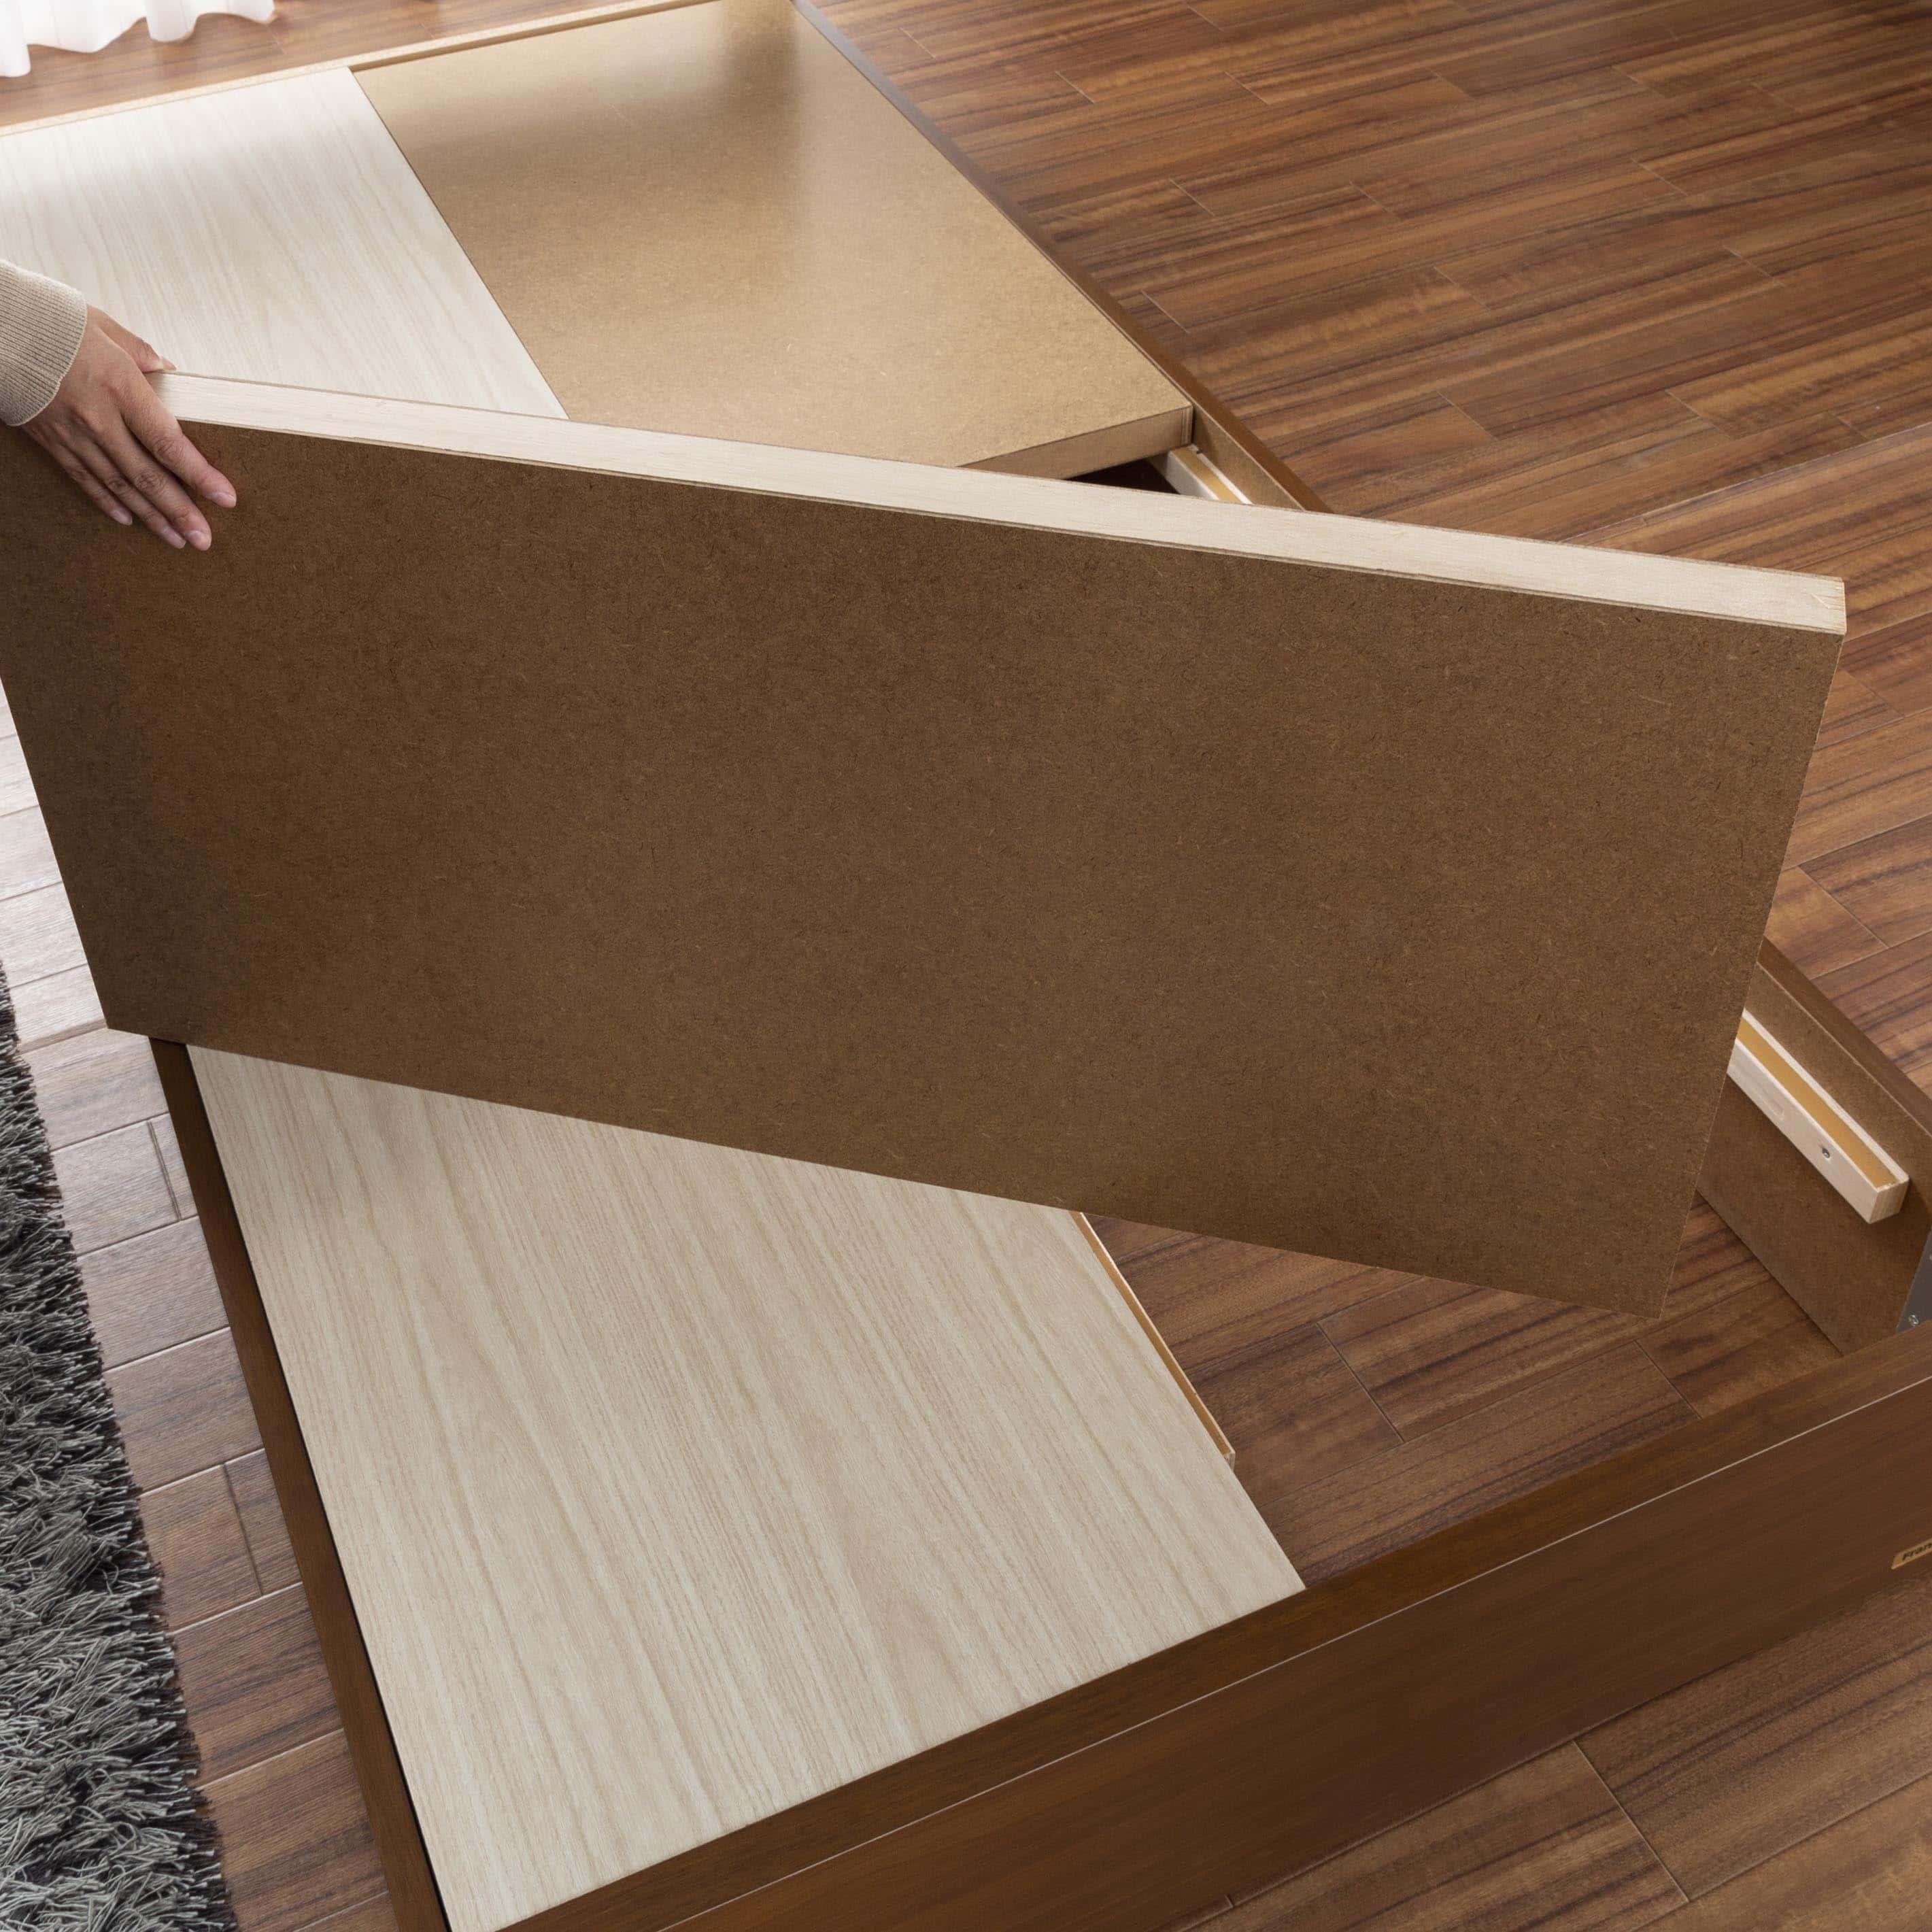 シングルベッド コスモプラス(ホワイトオーク)/シルバー800DX3(BL):しっかり安定感のある床板